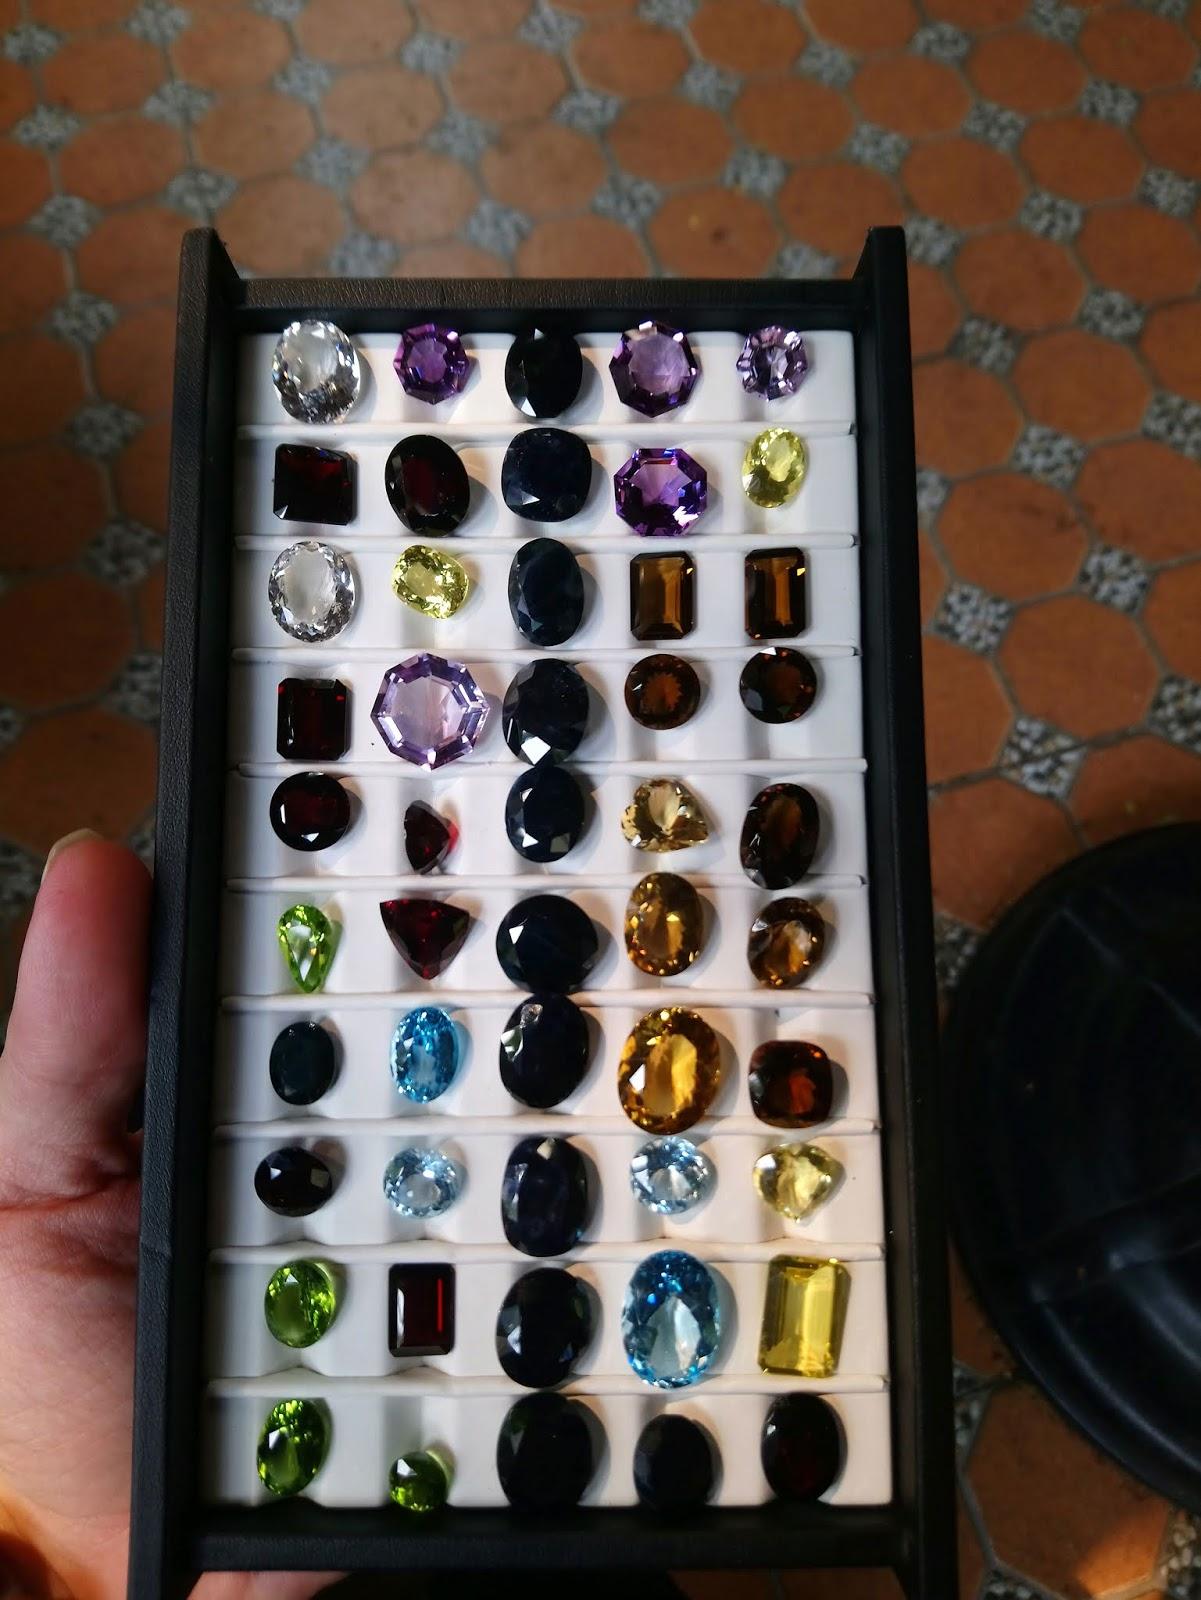 Đá quý, bán quý hàng thiên nhiên các lọai Natural Citrine, Natural Topaz, Natural Amethyst, Natural Peridot, Natural Garnat, Natural Ruby, Natural Sapphire...